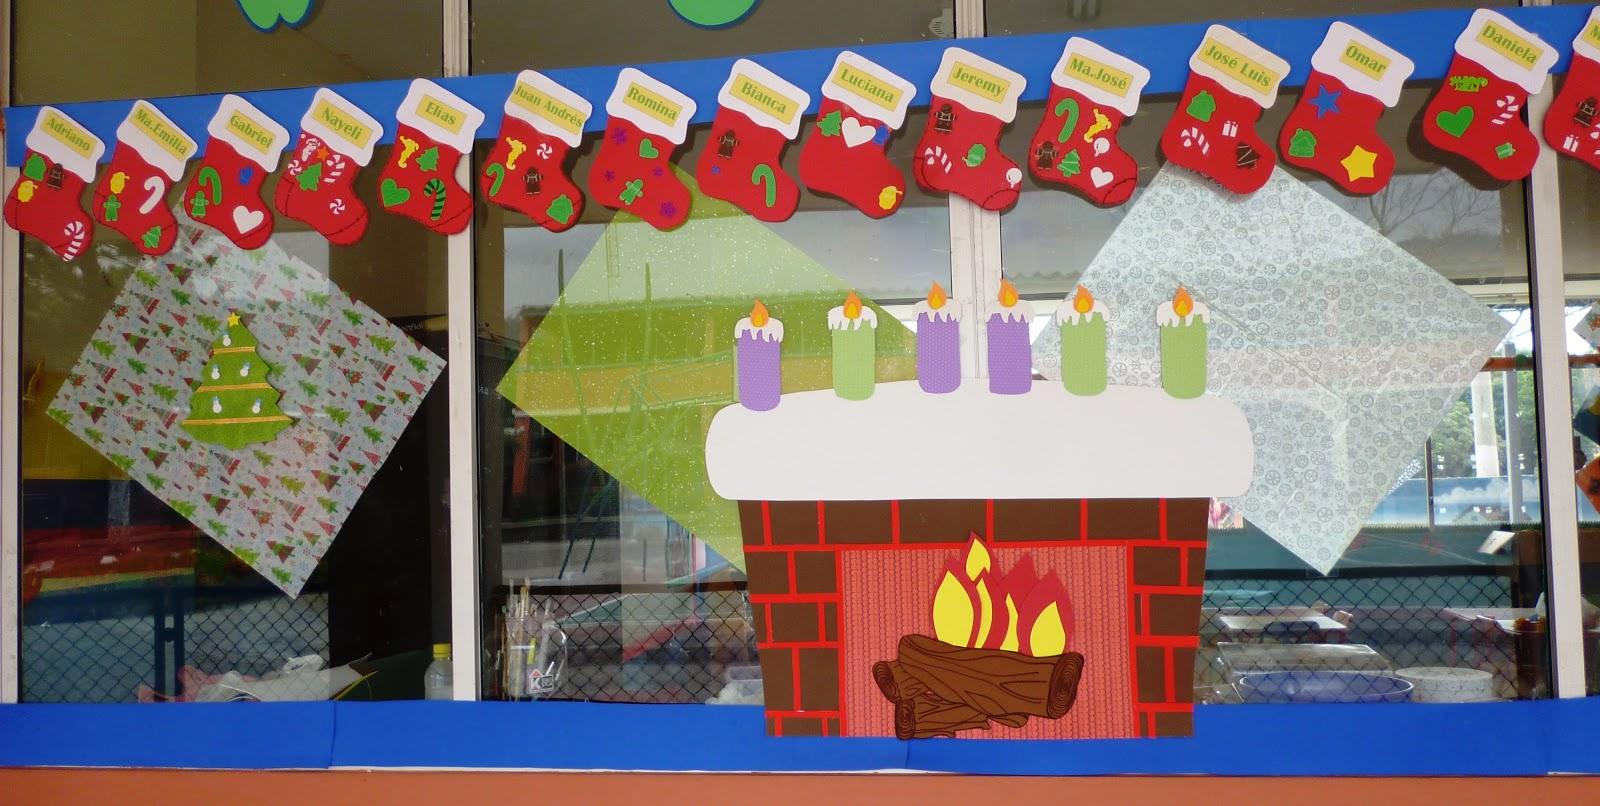 Salon de clases decorado de navidad for Decoracion de locales para navidad